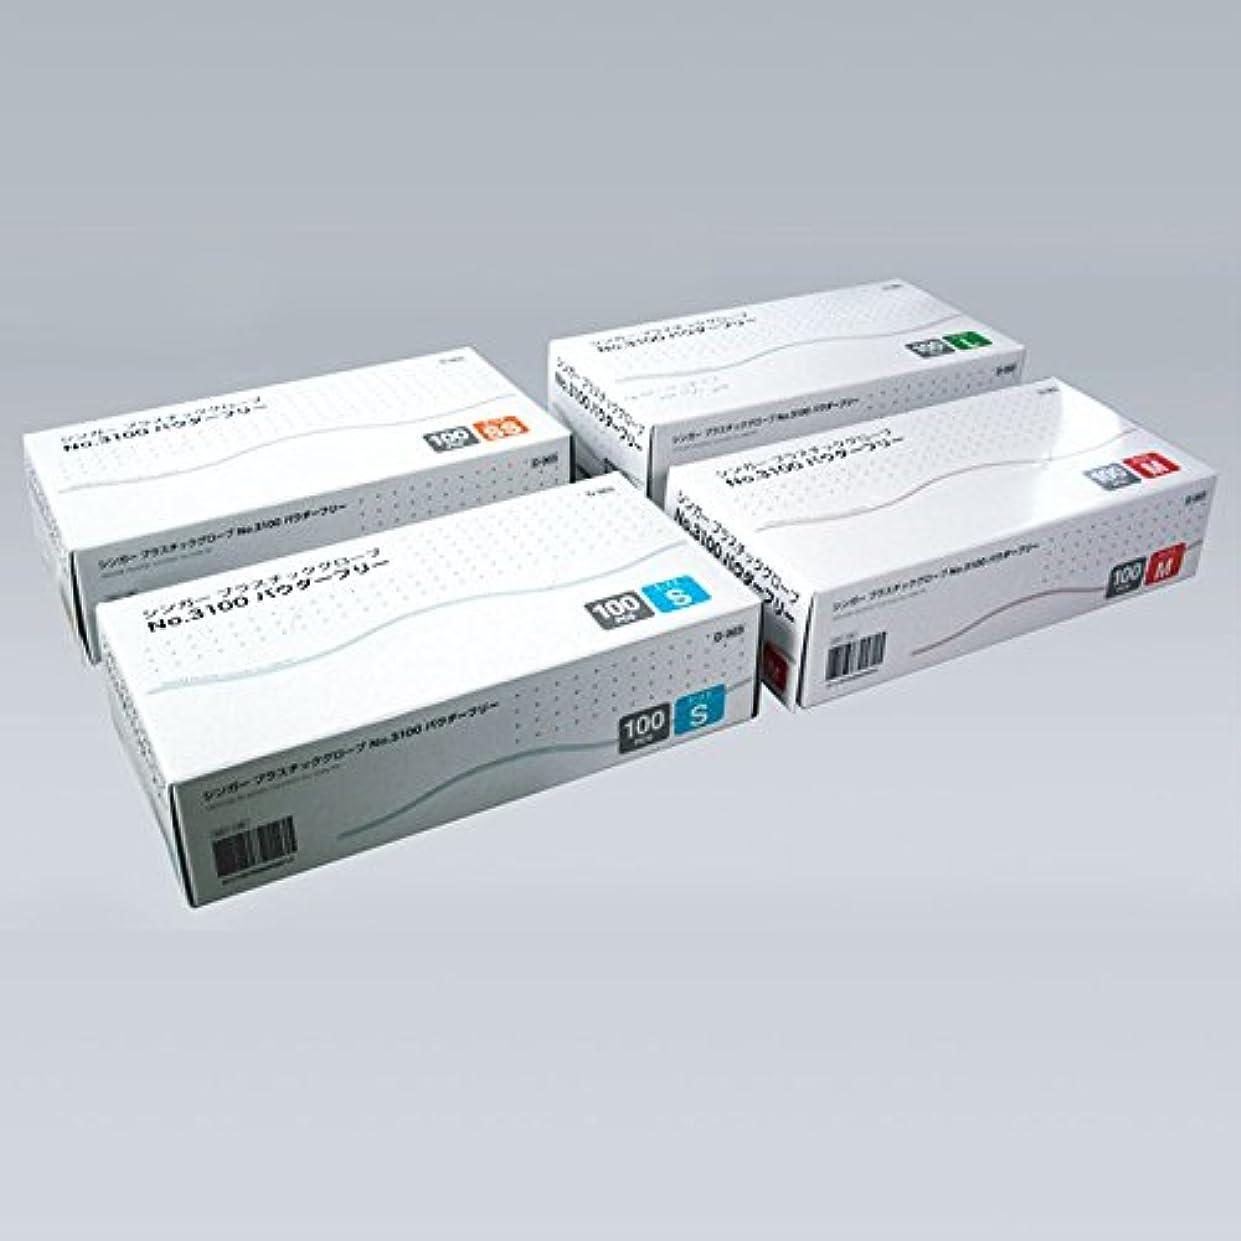 苦情文句起こる詳細なシンガープラスチックグローブNo3100 パウダーフリー500枚 (100枚入り×5箱) (S)